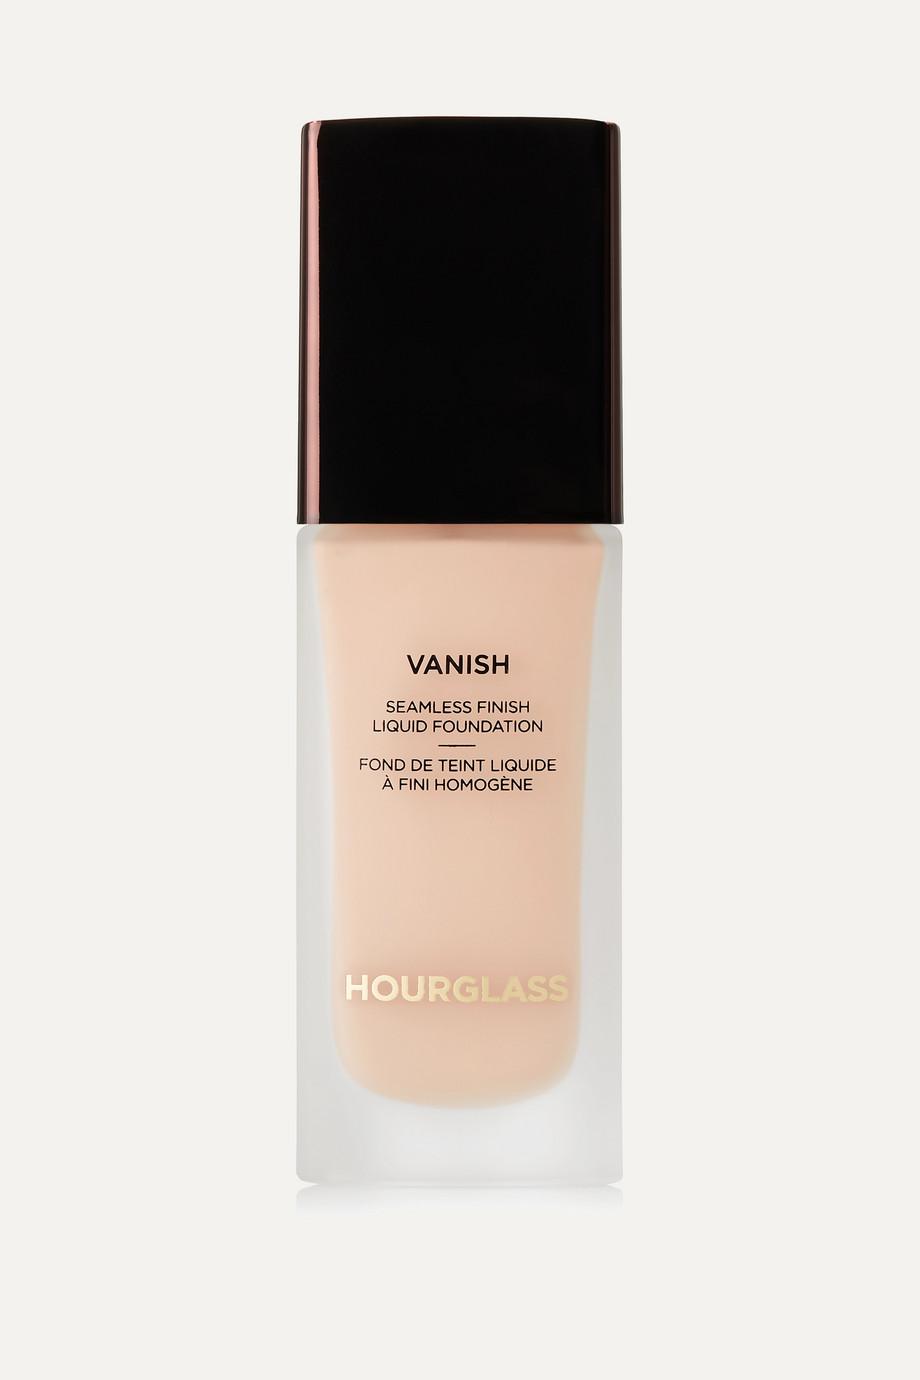 Hourglass Vanish Seamless Finish Liquid Foundation - Blanc, 25ml